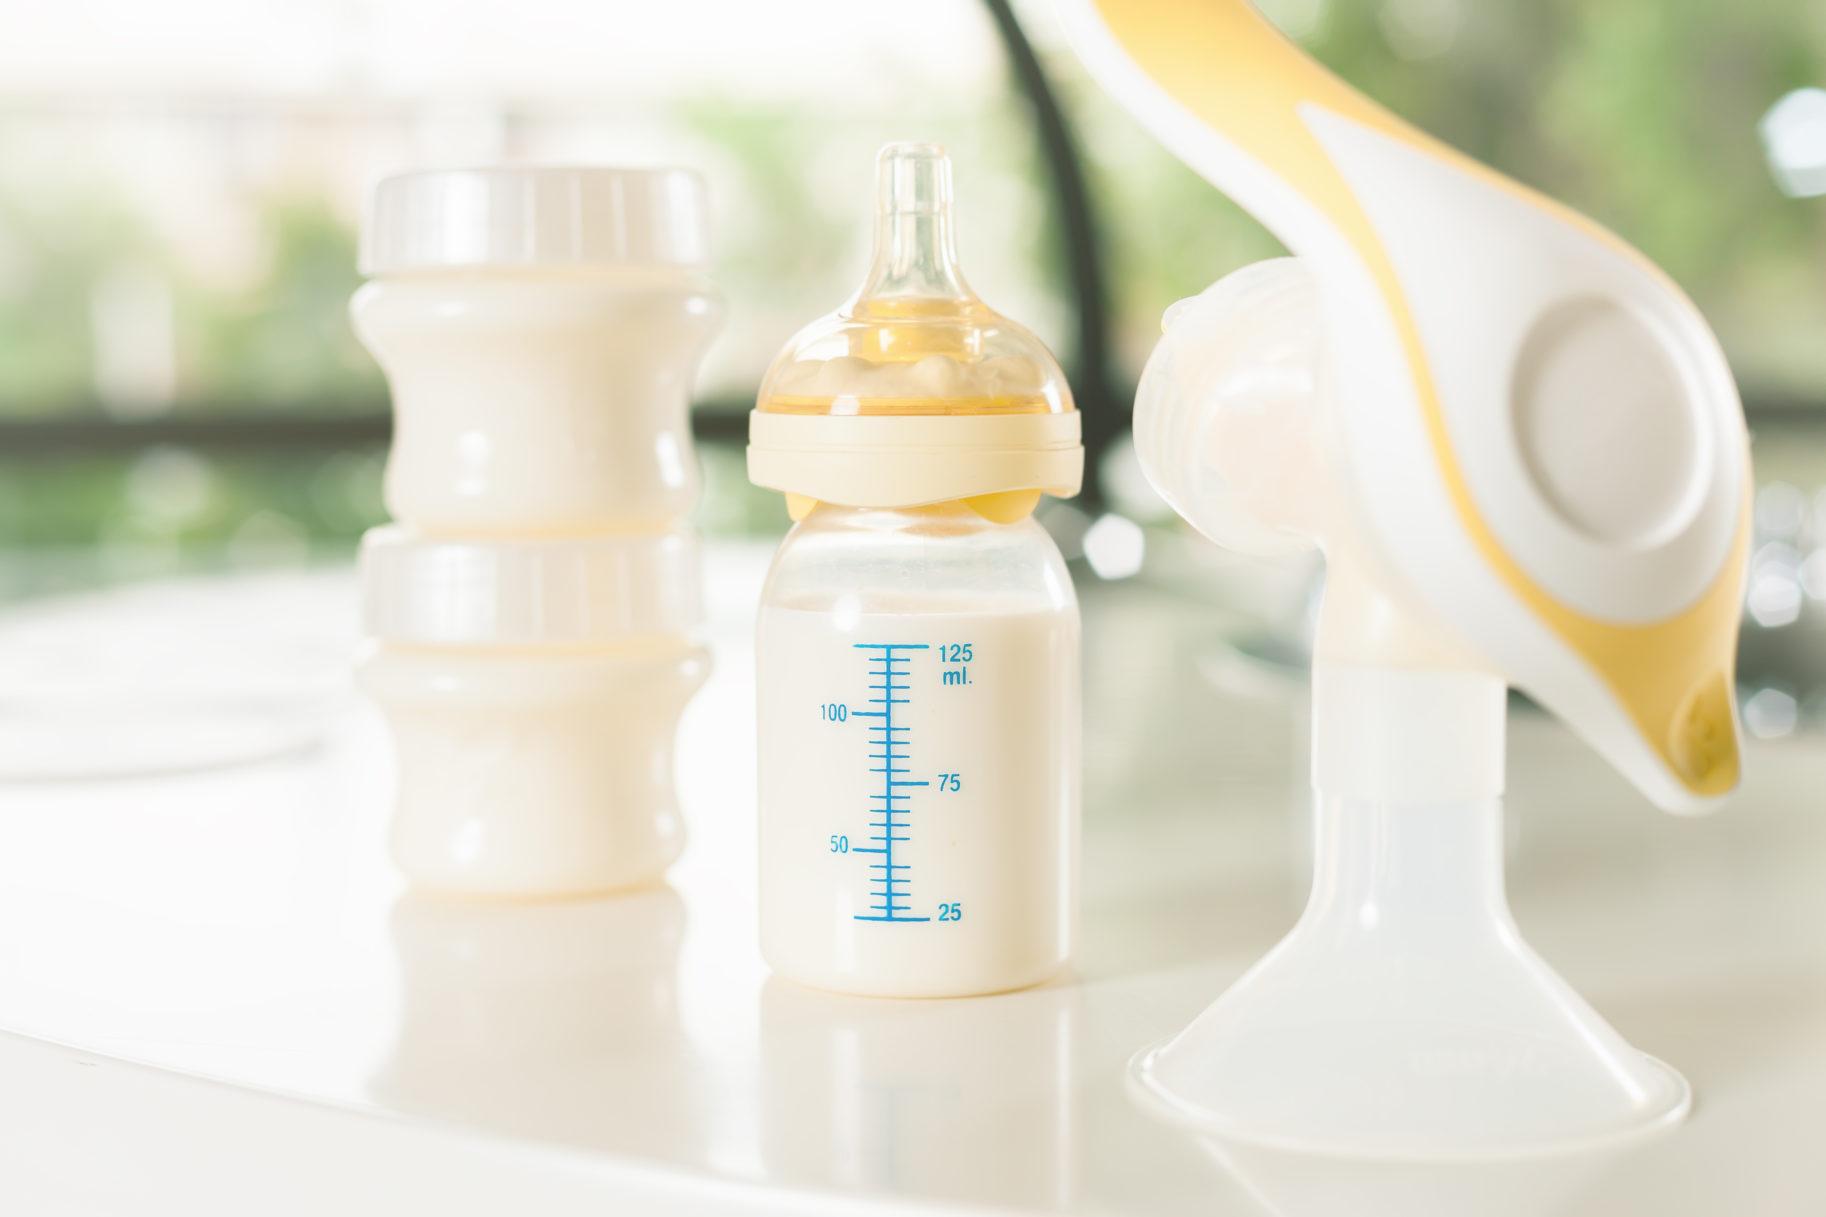 Nietolerancja laktozy u niemowlaków